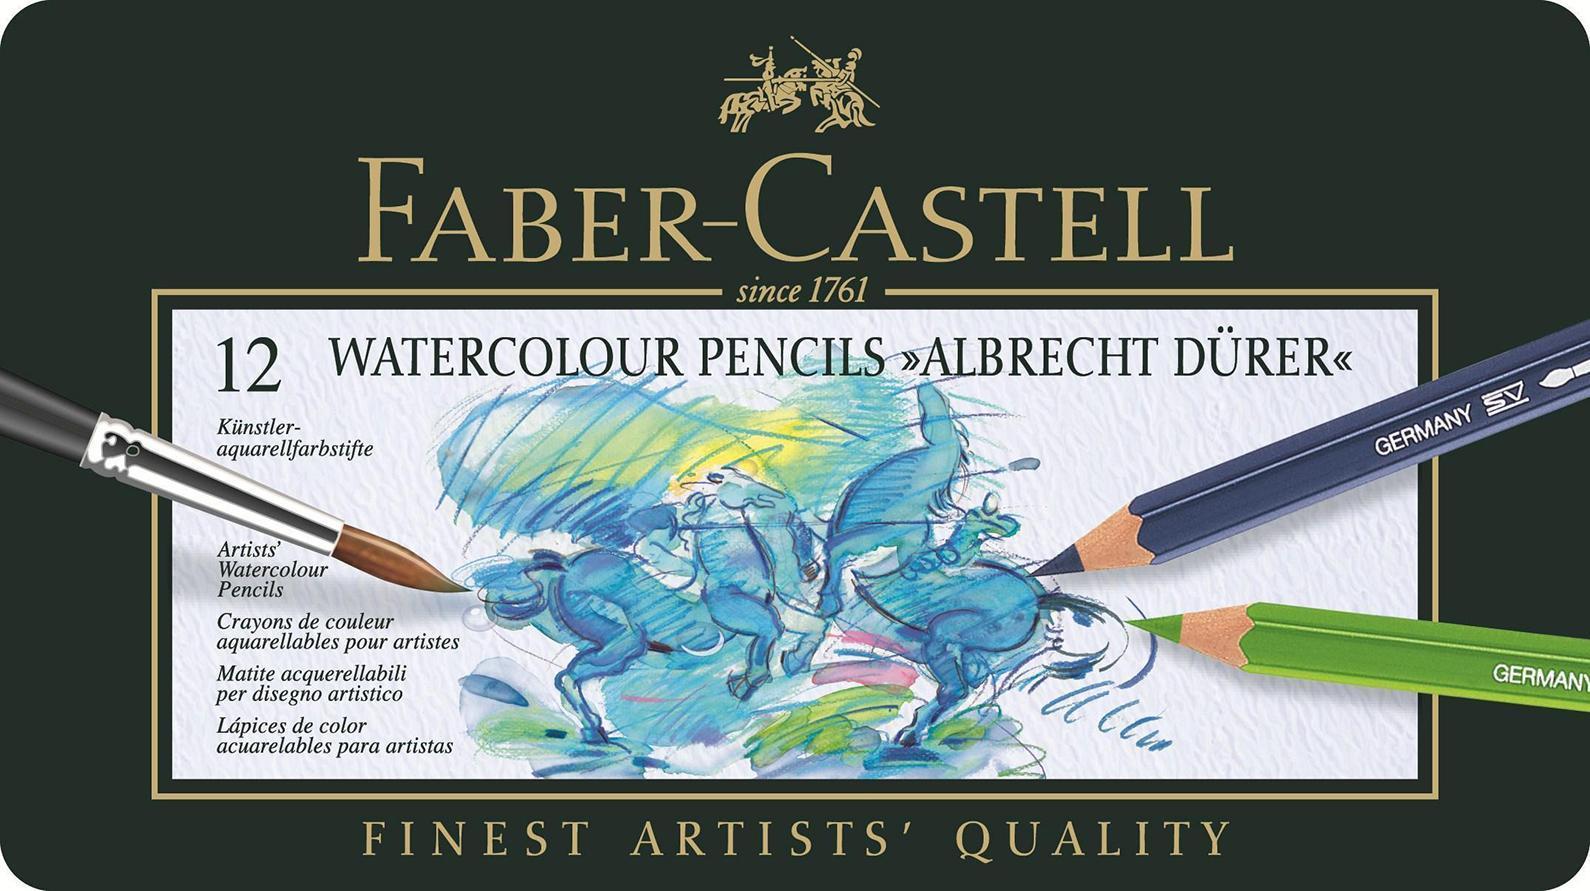 Акварельные карандаши ALBRECHT DURER®, набор цветов, в металлической коробке, 12 шт.117512В наборе карандаши 12 цветов: белый, желтый, оранжевый, красный, фиолетовый, голубой, синий,зеленый, салатовый, бежевый, коричневый, черный.